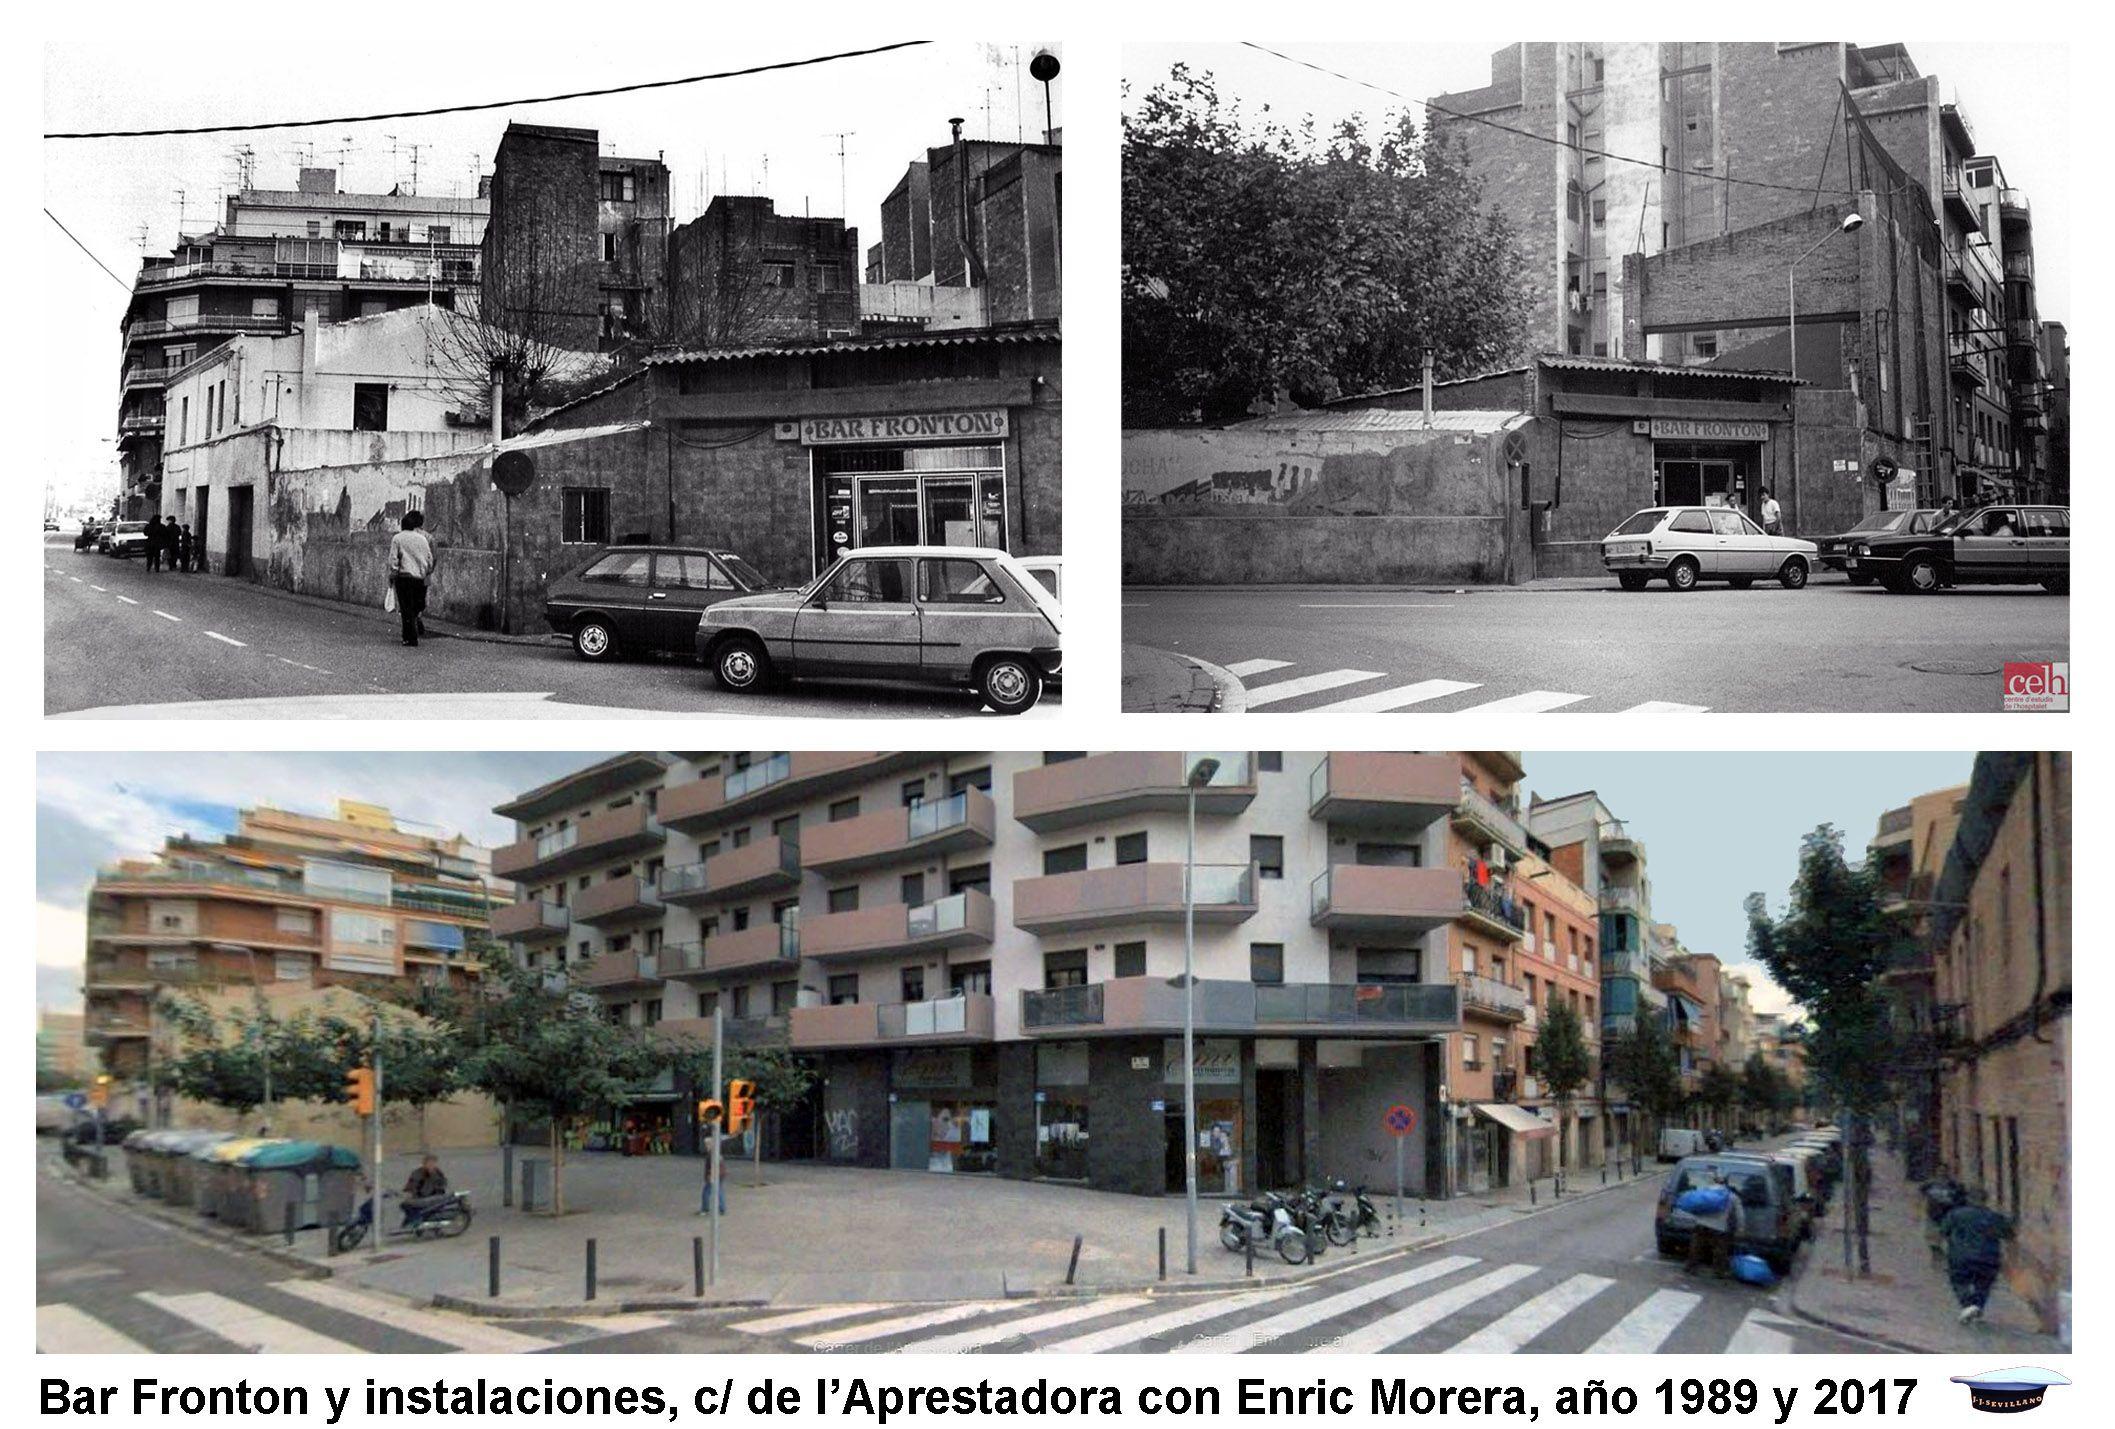 Bar Frontón Y Las Instalaciones Ya Desaparecidos Carrer De L Aprestadora Con Enric Morera Año 1989 Y 2017 Morera Instalacion